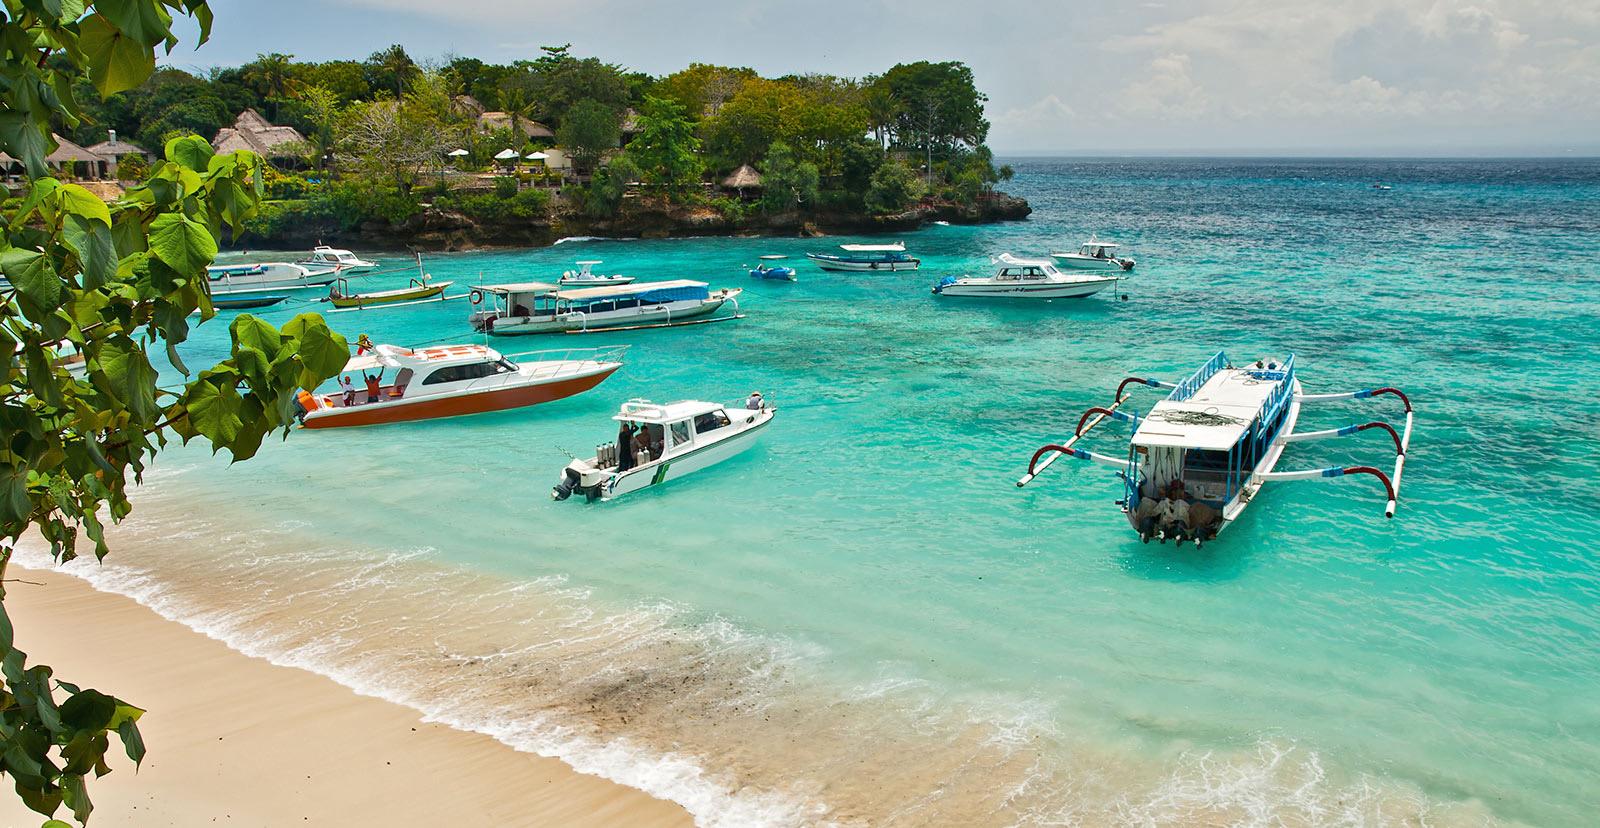 جزیره لمبونگان